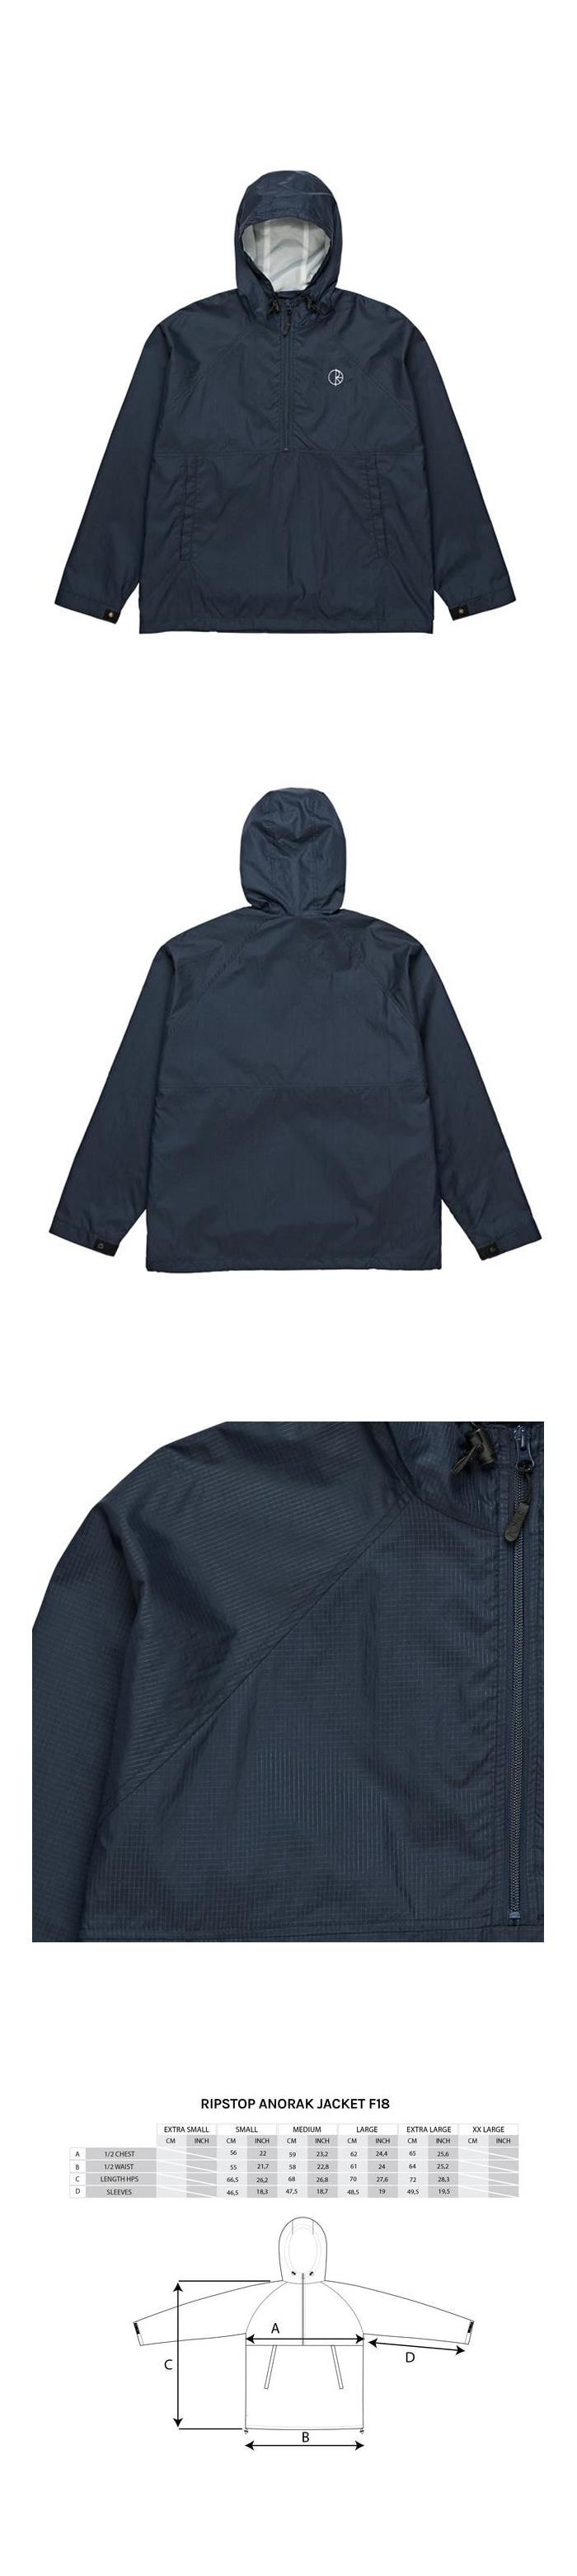 폴라(POLAR) Ripstop Anorak Jacket - Navy